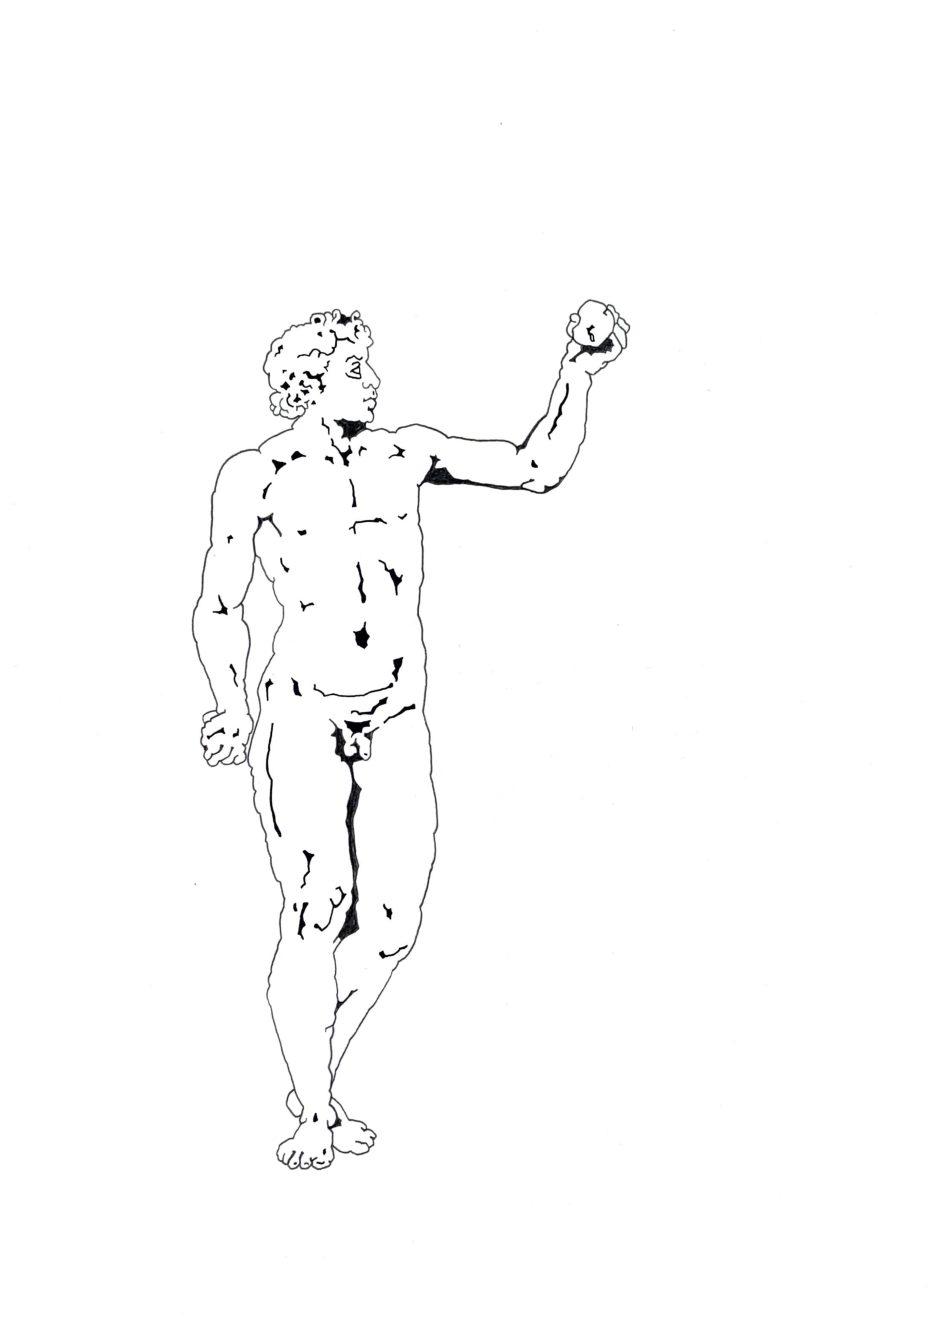 """Matthias Huber, """"keep distance: Angebot"""", 21x29,7cm, Graphit auf Papier, 2020"""